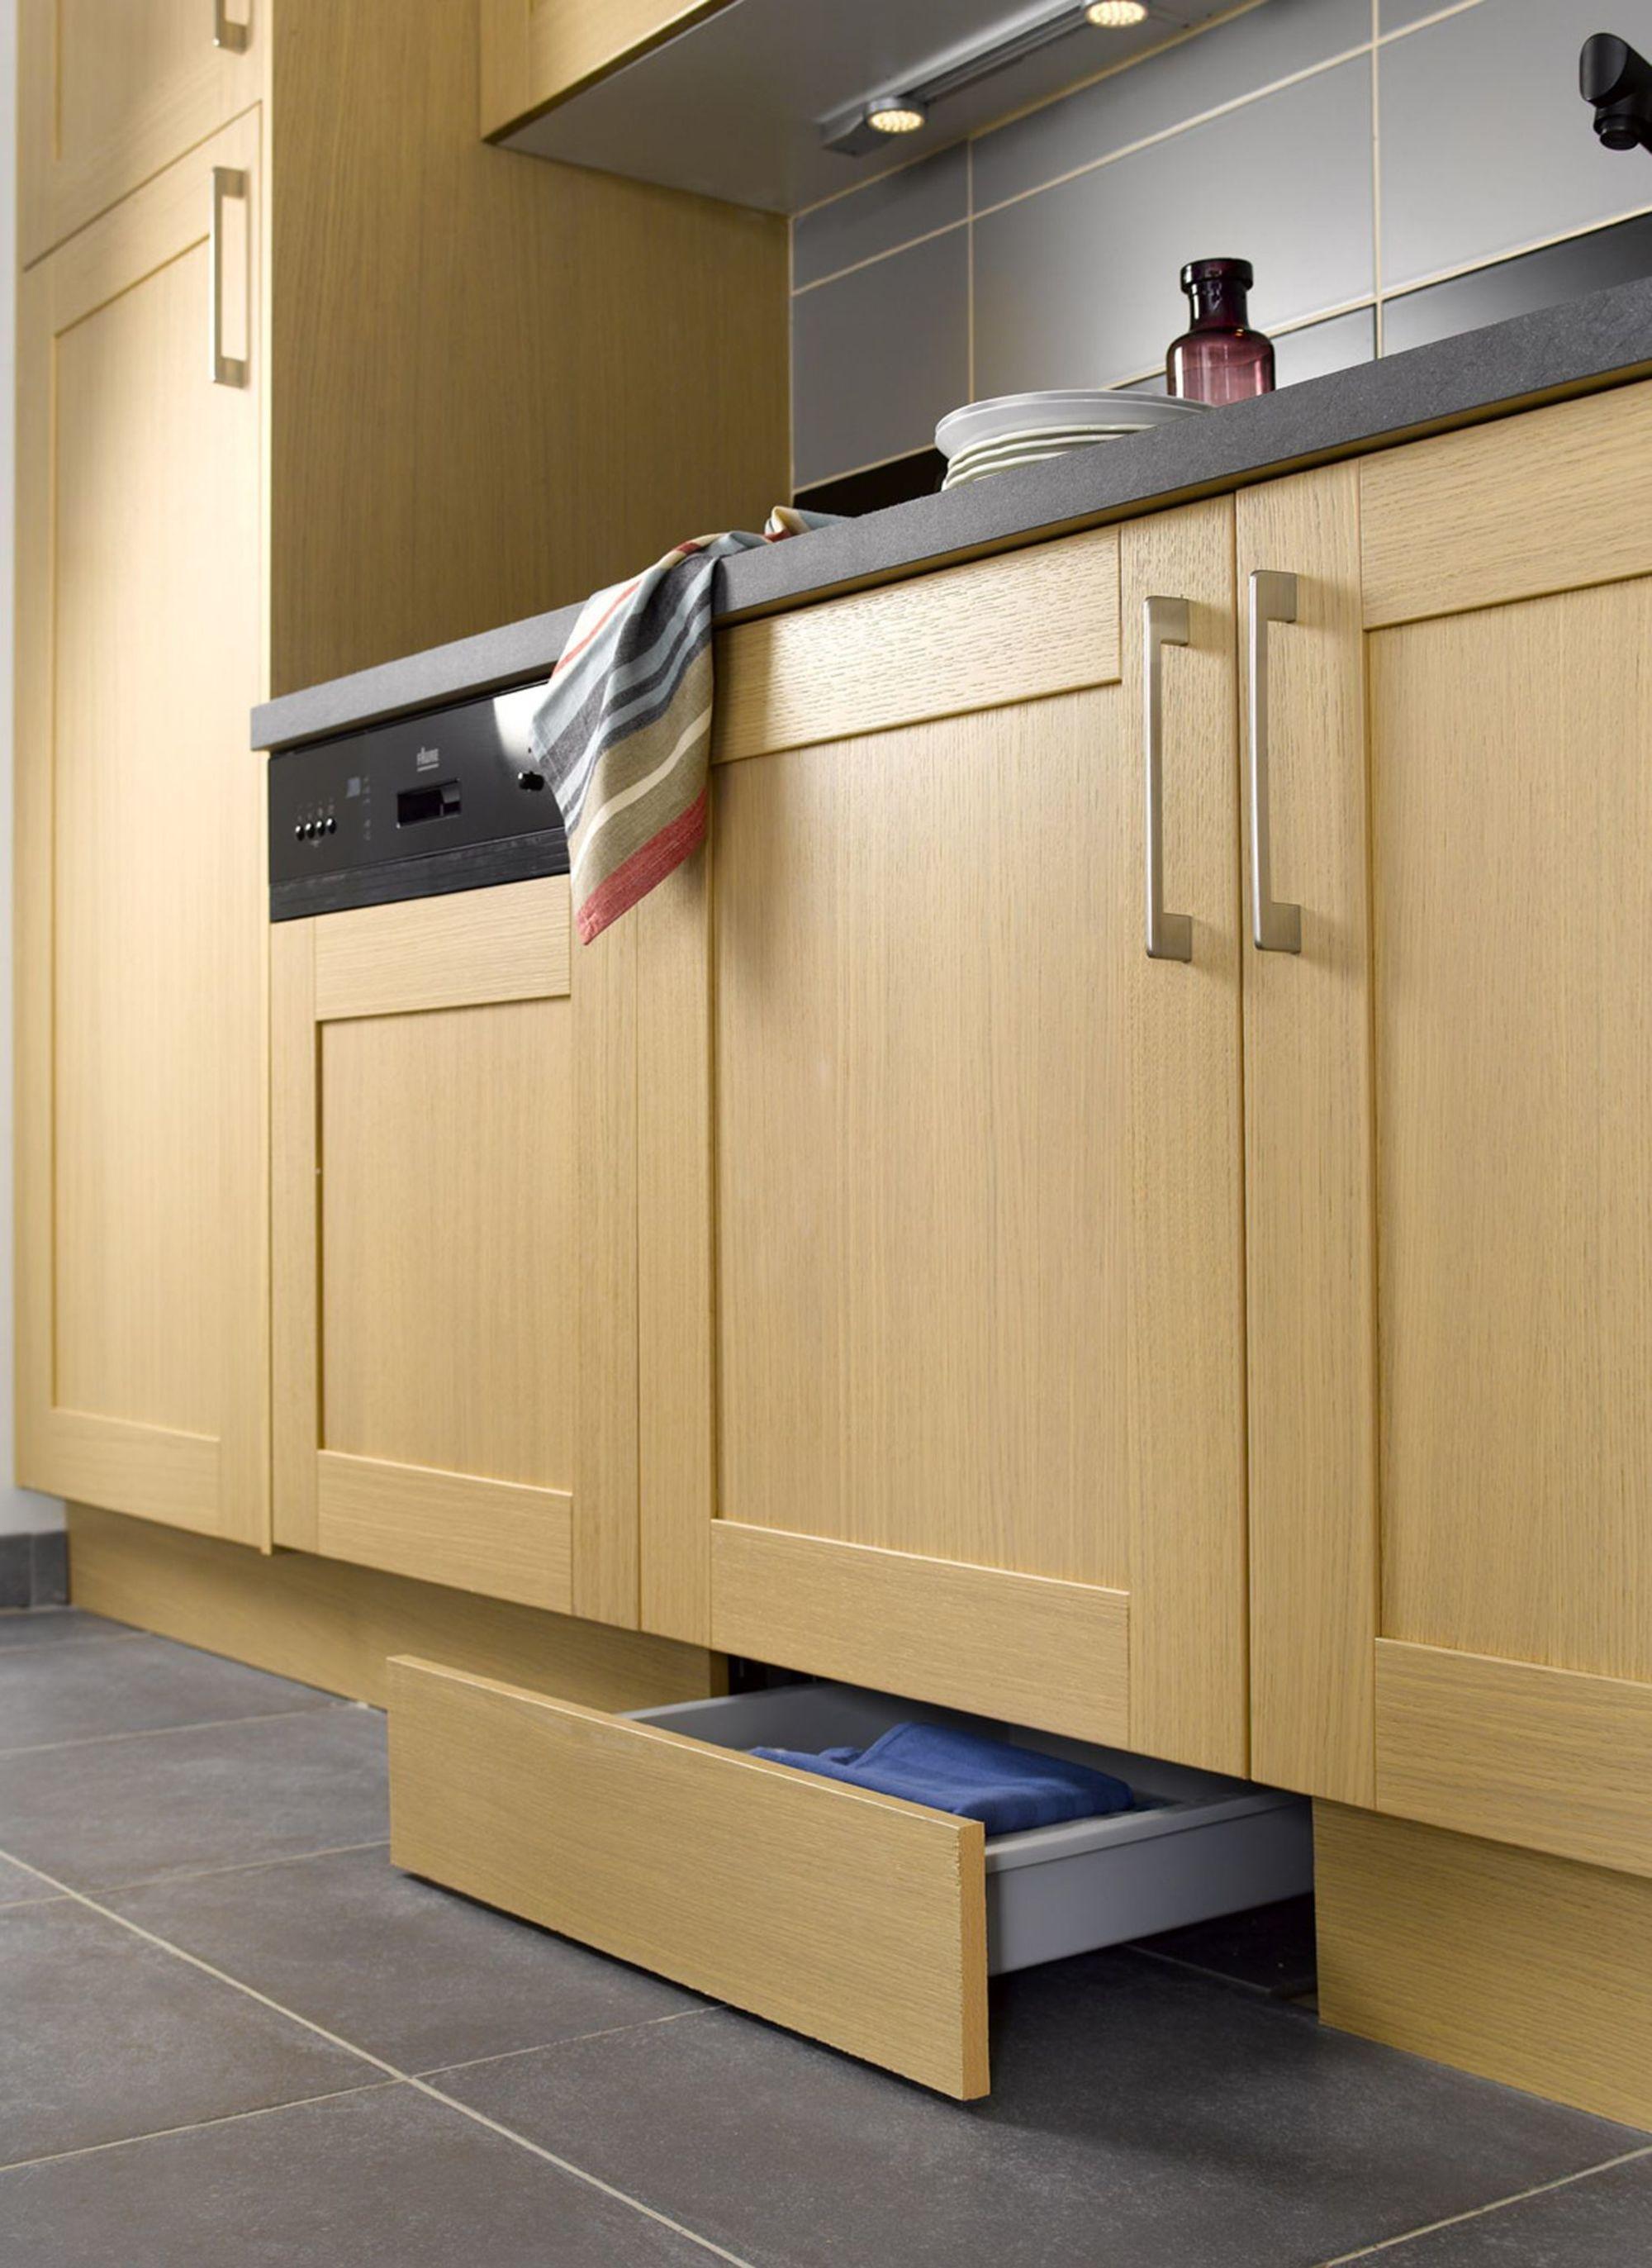 Petite cuisine : 12 astuces gain de place | Plinthes, Leroy merlin ...